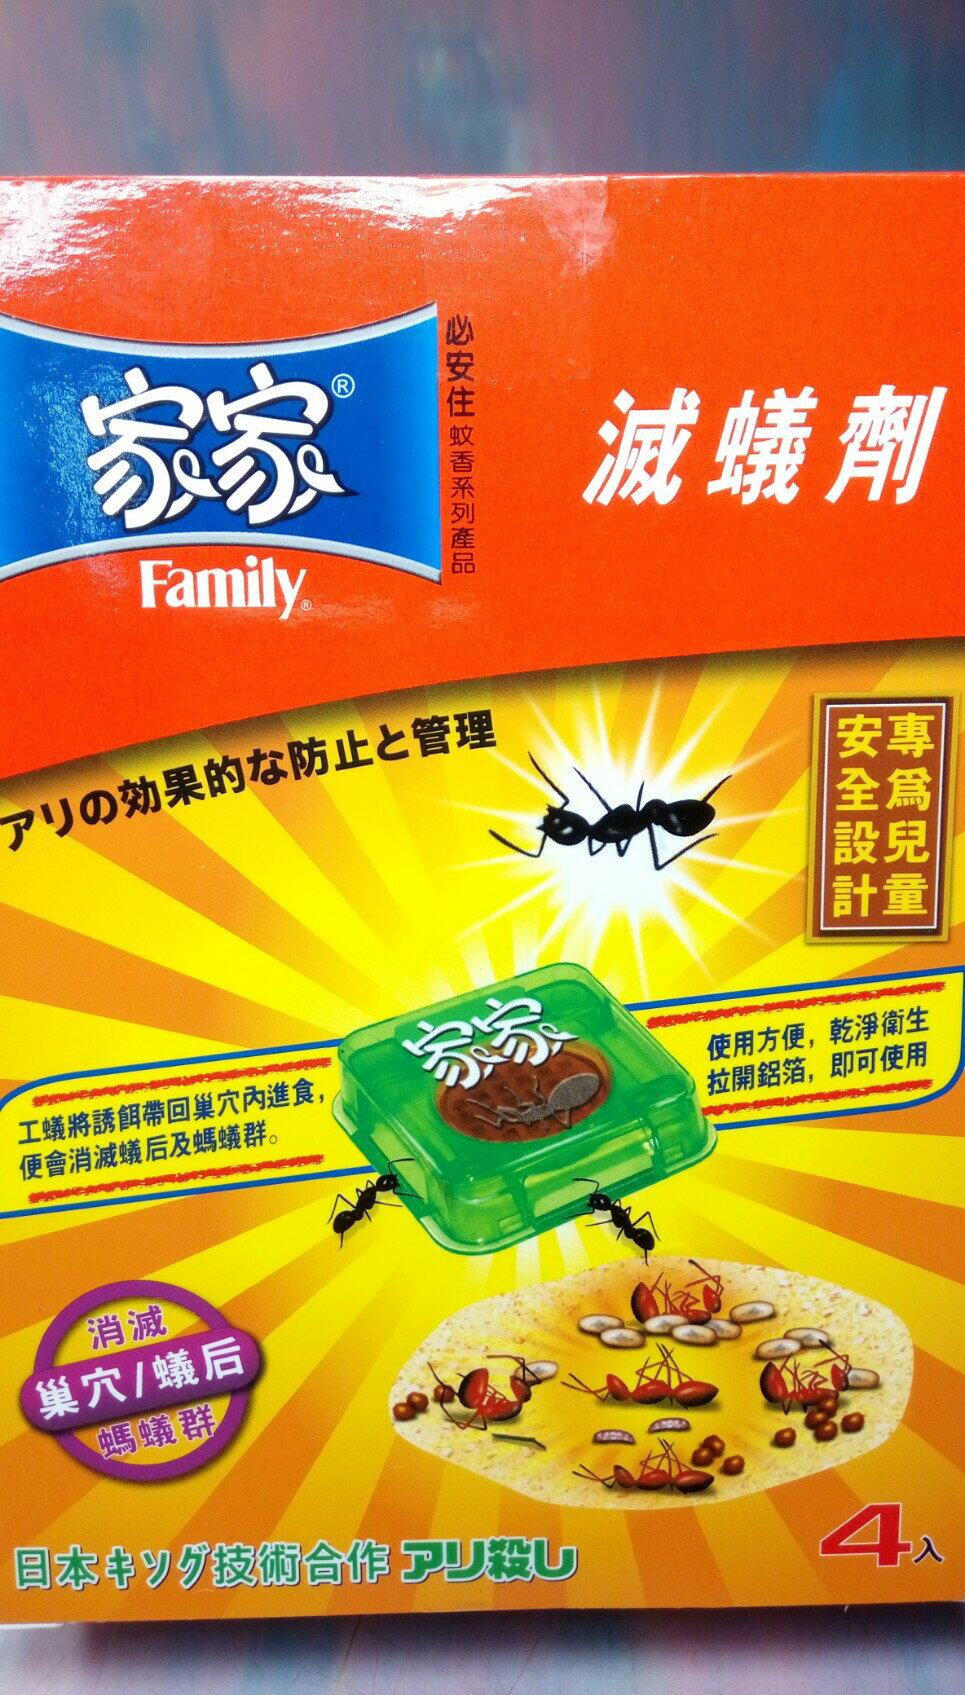 【家家 滅蟻劑 4入】080254防治螞蟻 除蟻 滅蟻【八八八】e網購